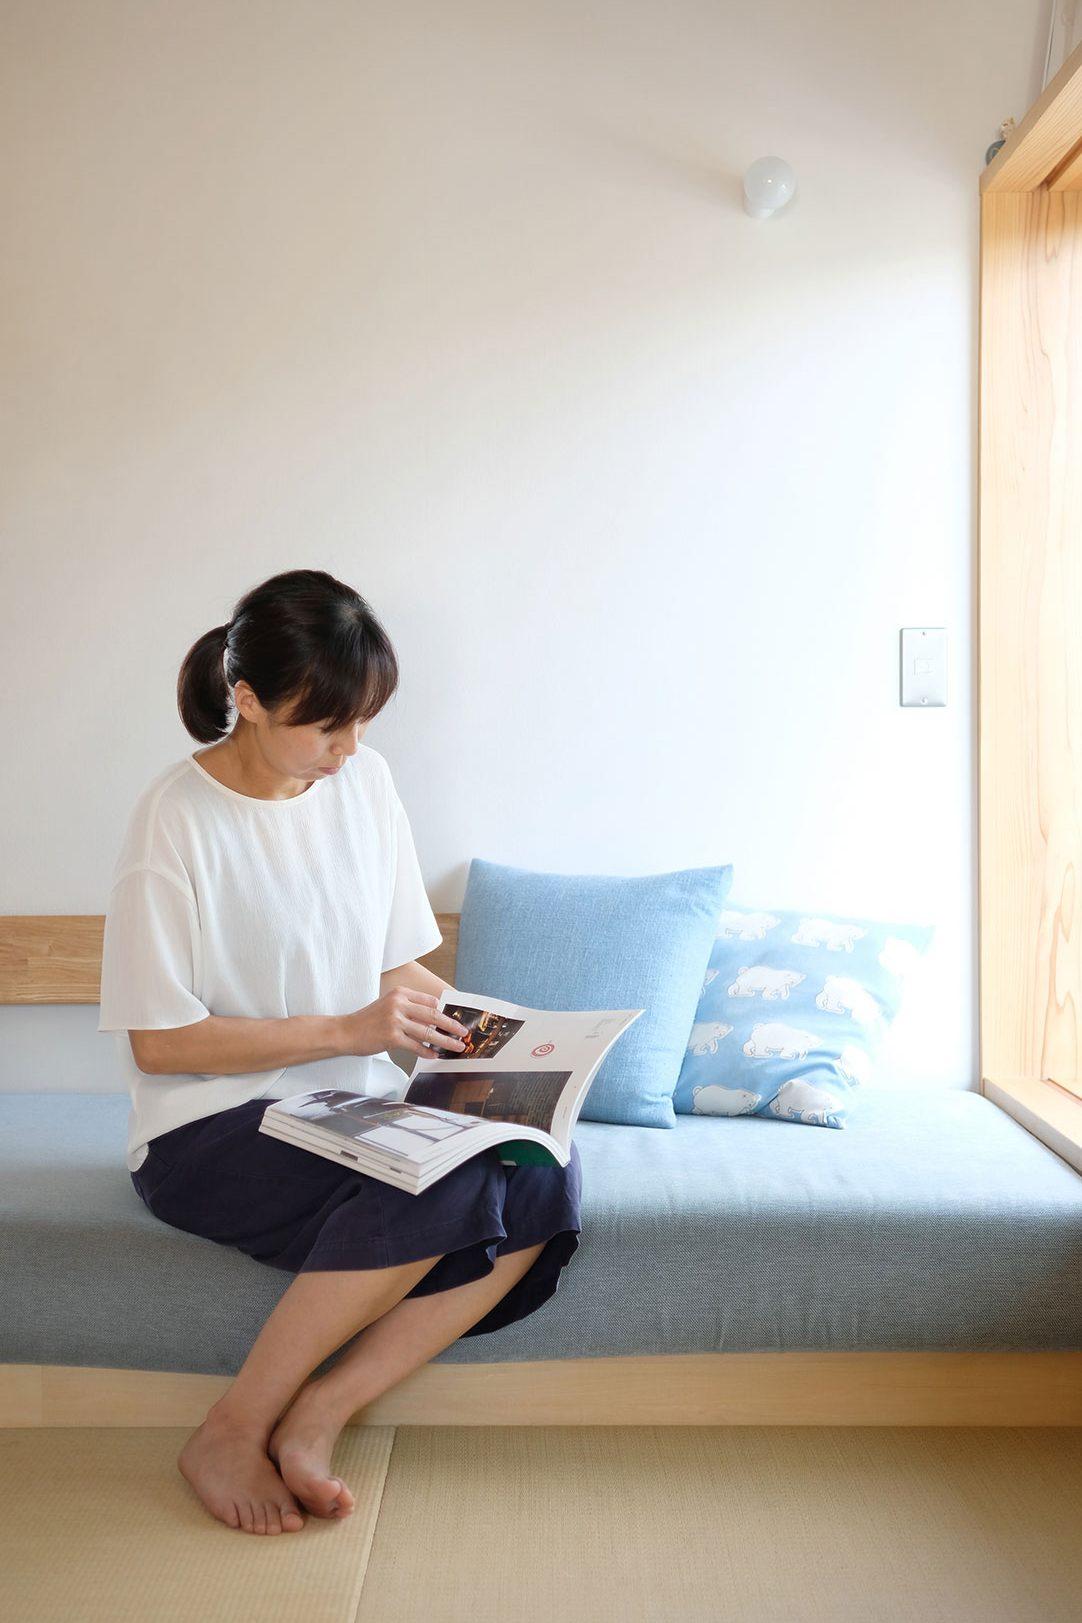 ソファーに腰掛け読み物をする